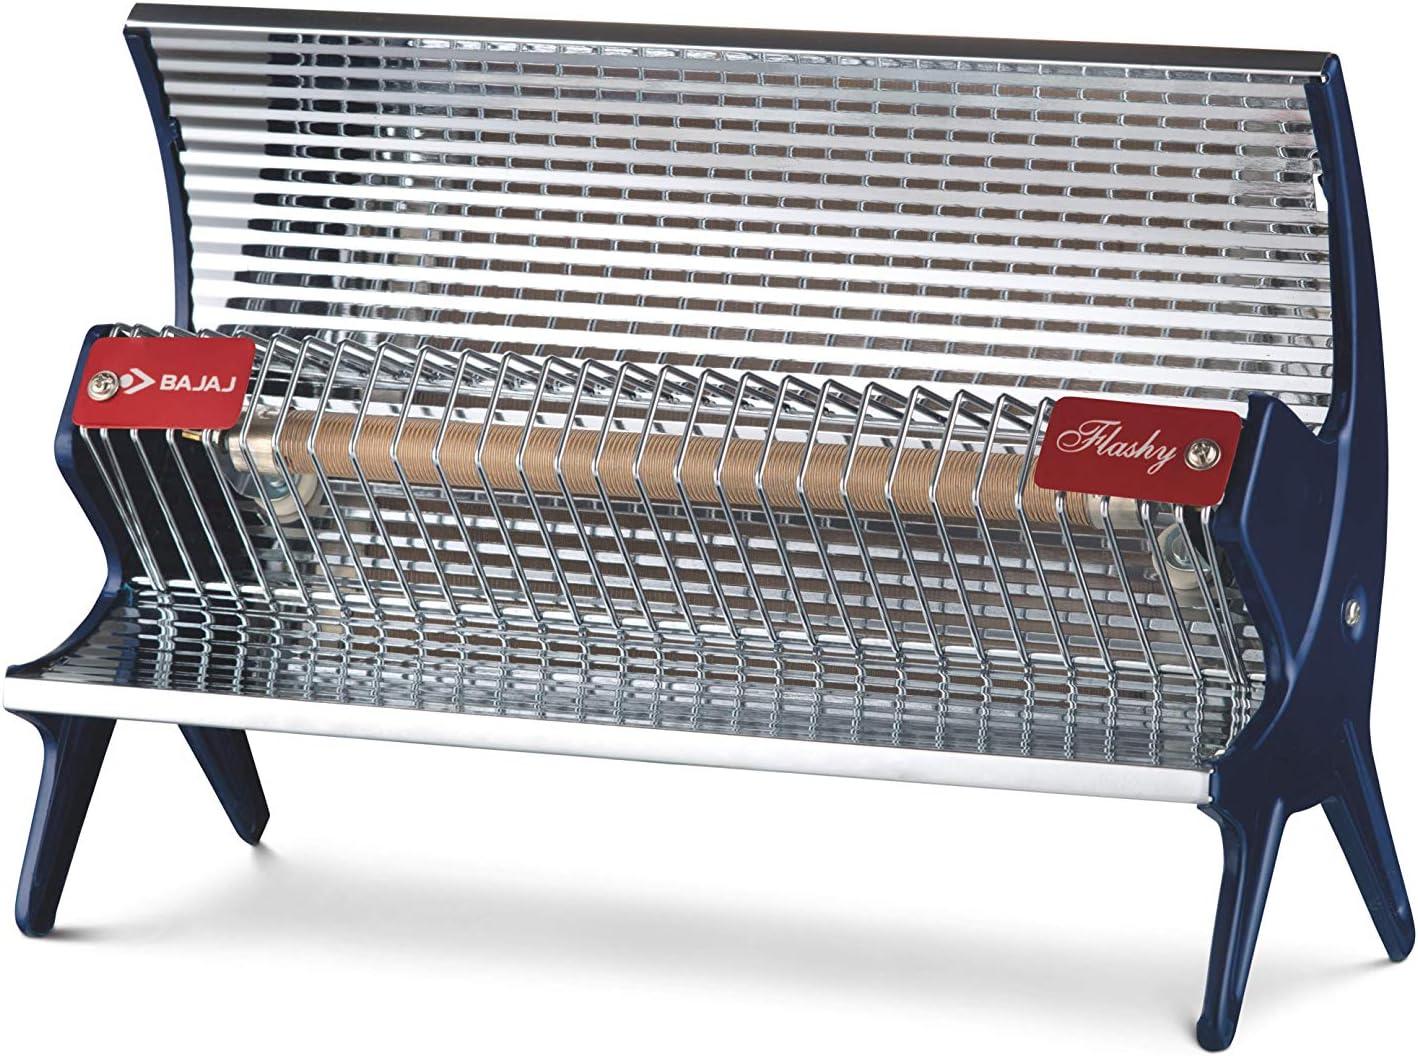 Bajaj heater